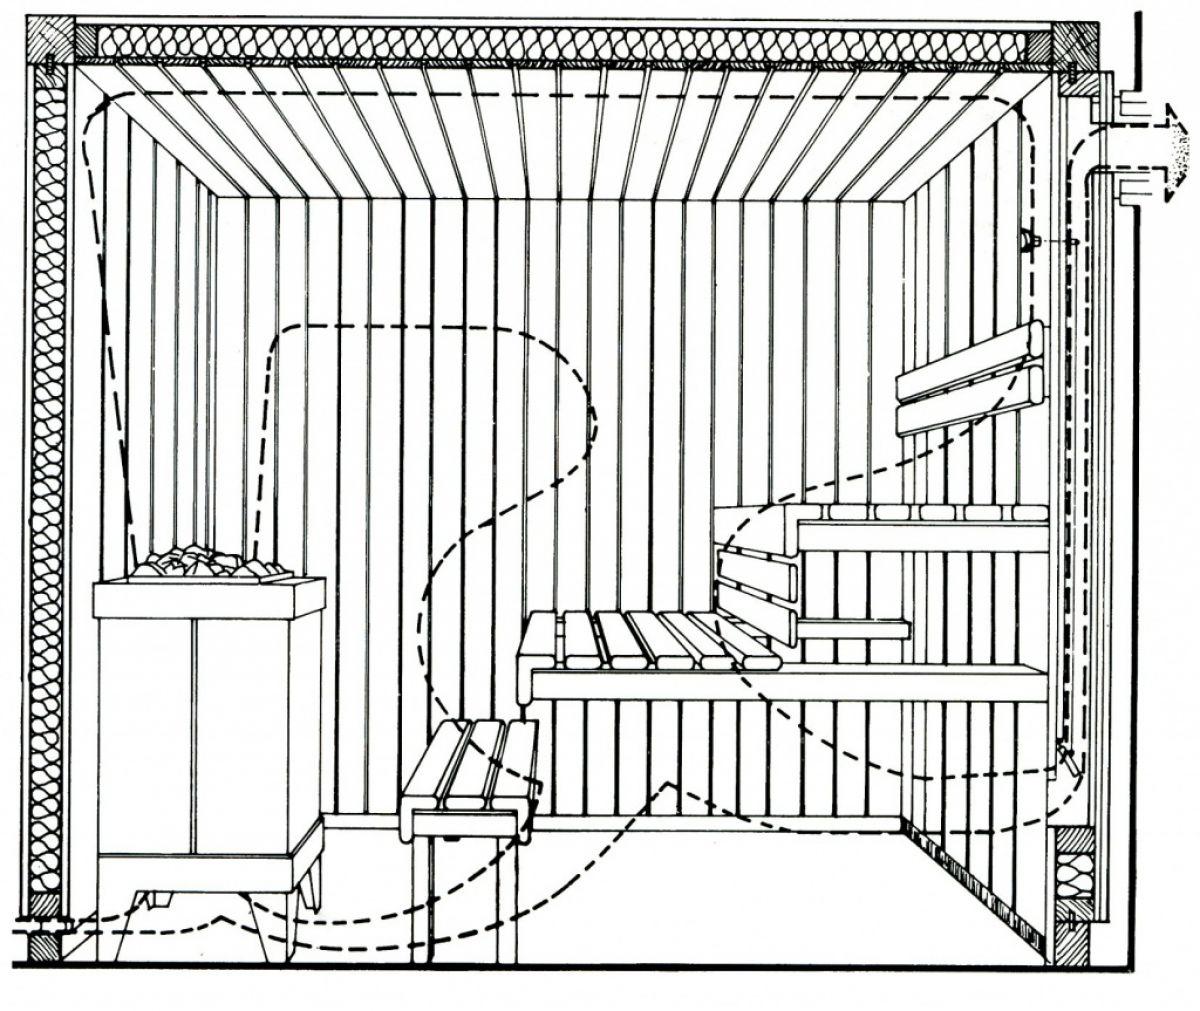 Вентиляция в бане своими руками - схема, устройство, инструкция с фото и видео